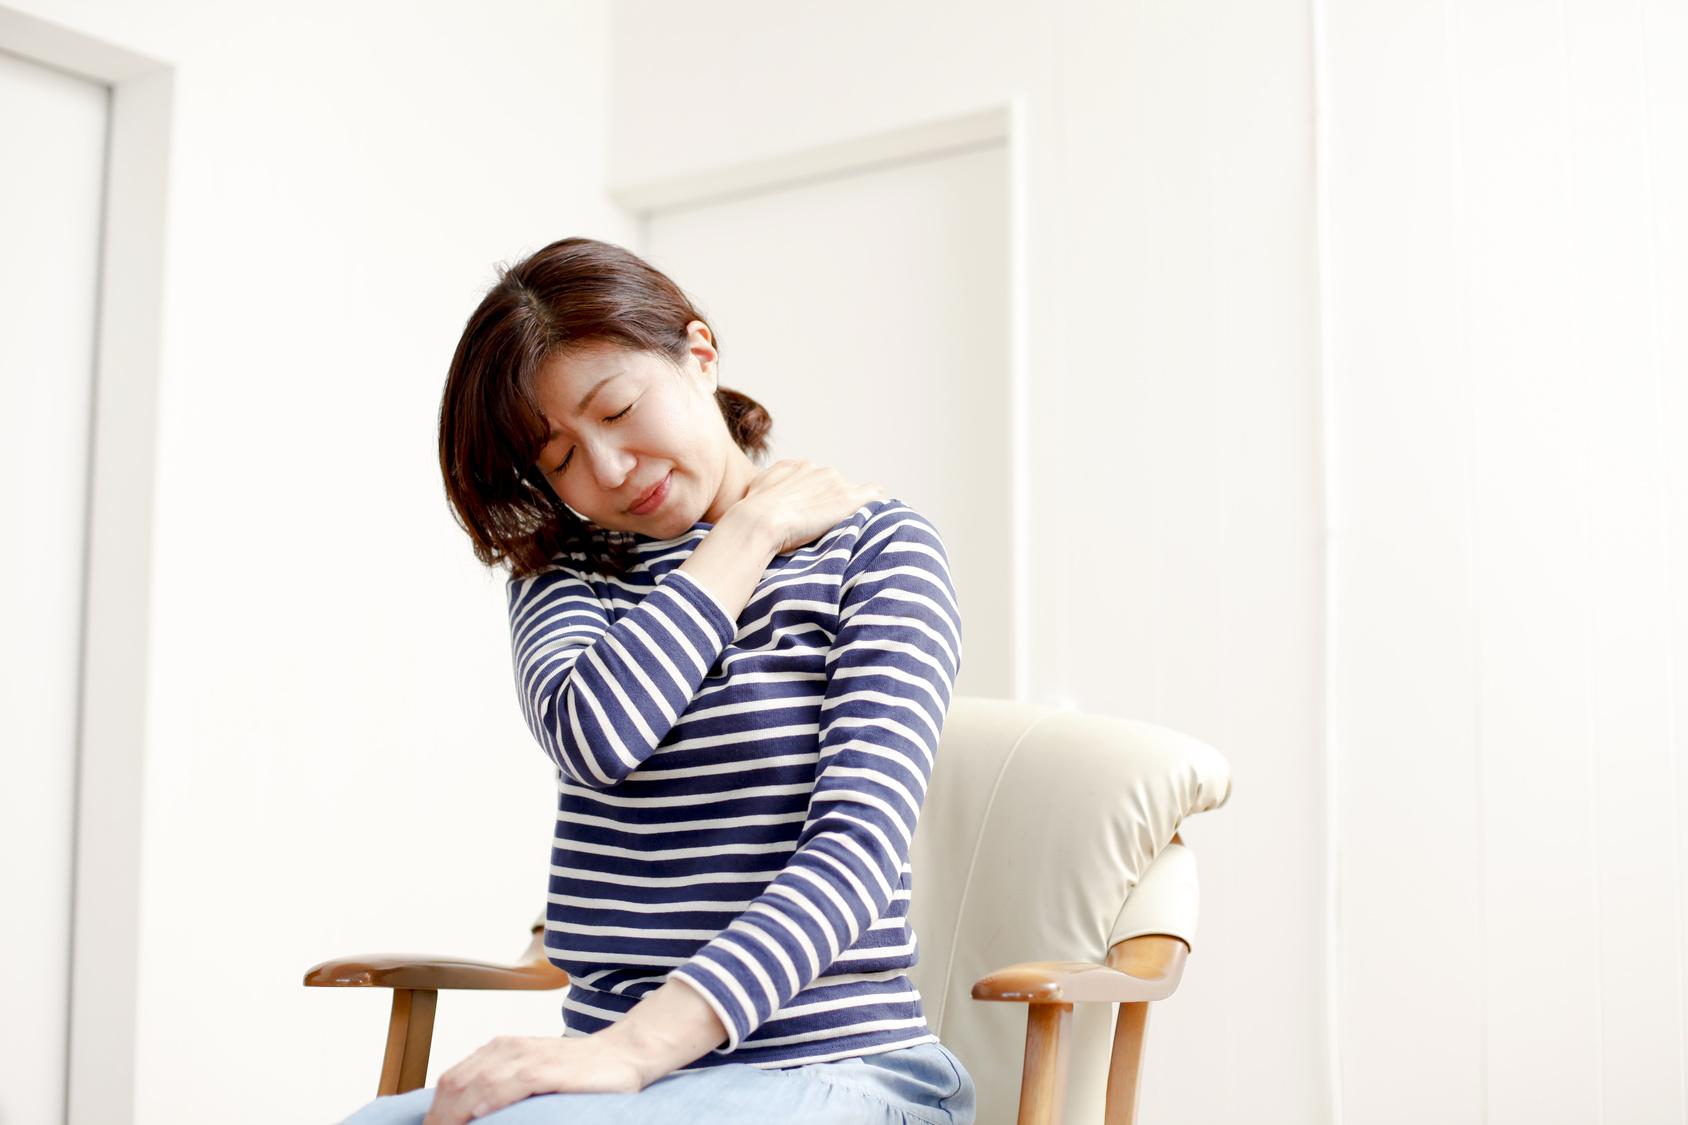 筋肉の衰えや姿勢の悪さも炎症を起こす原因になります